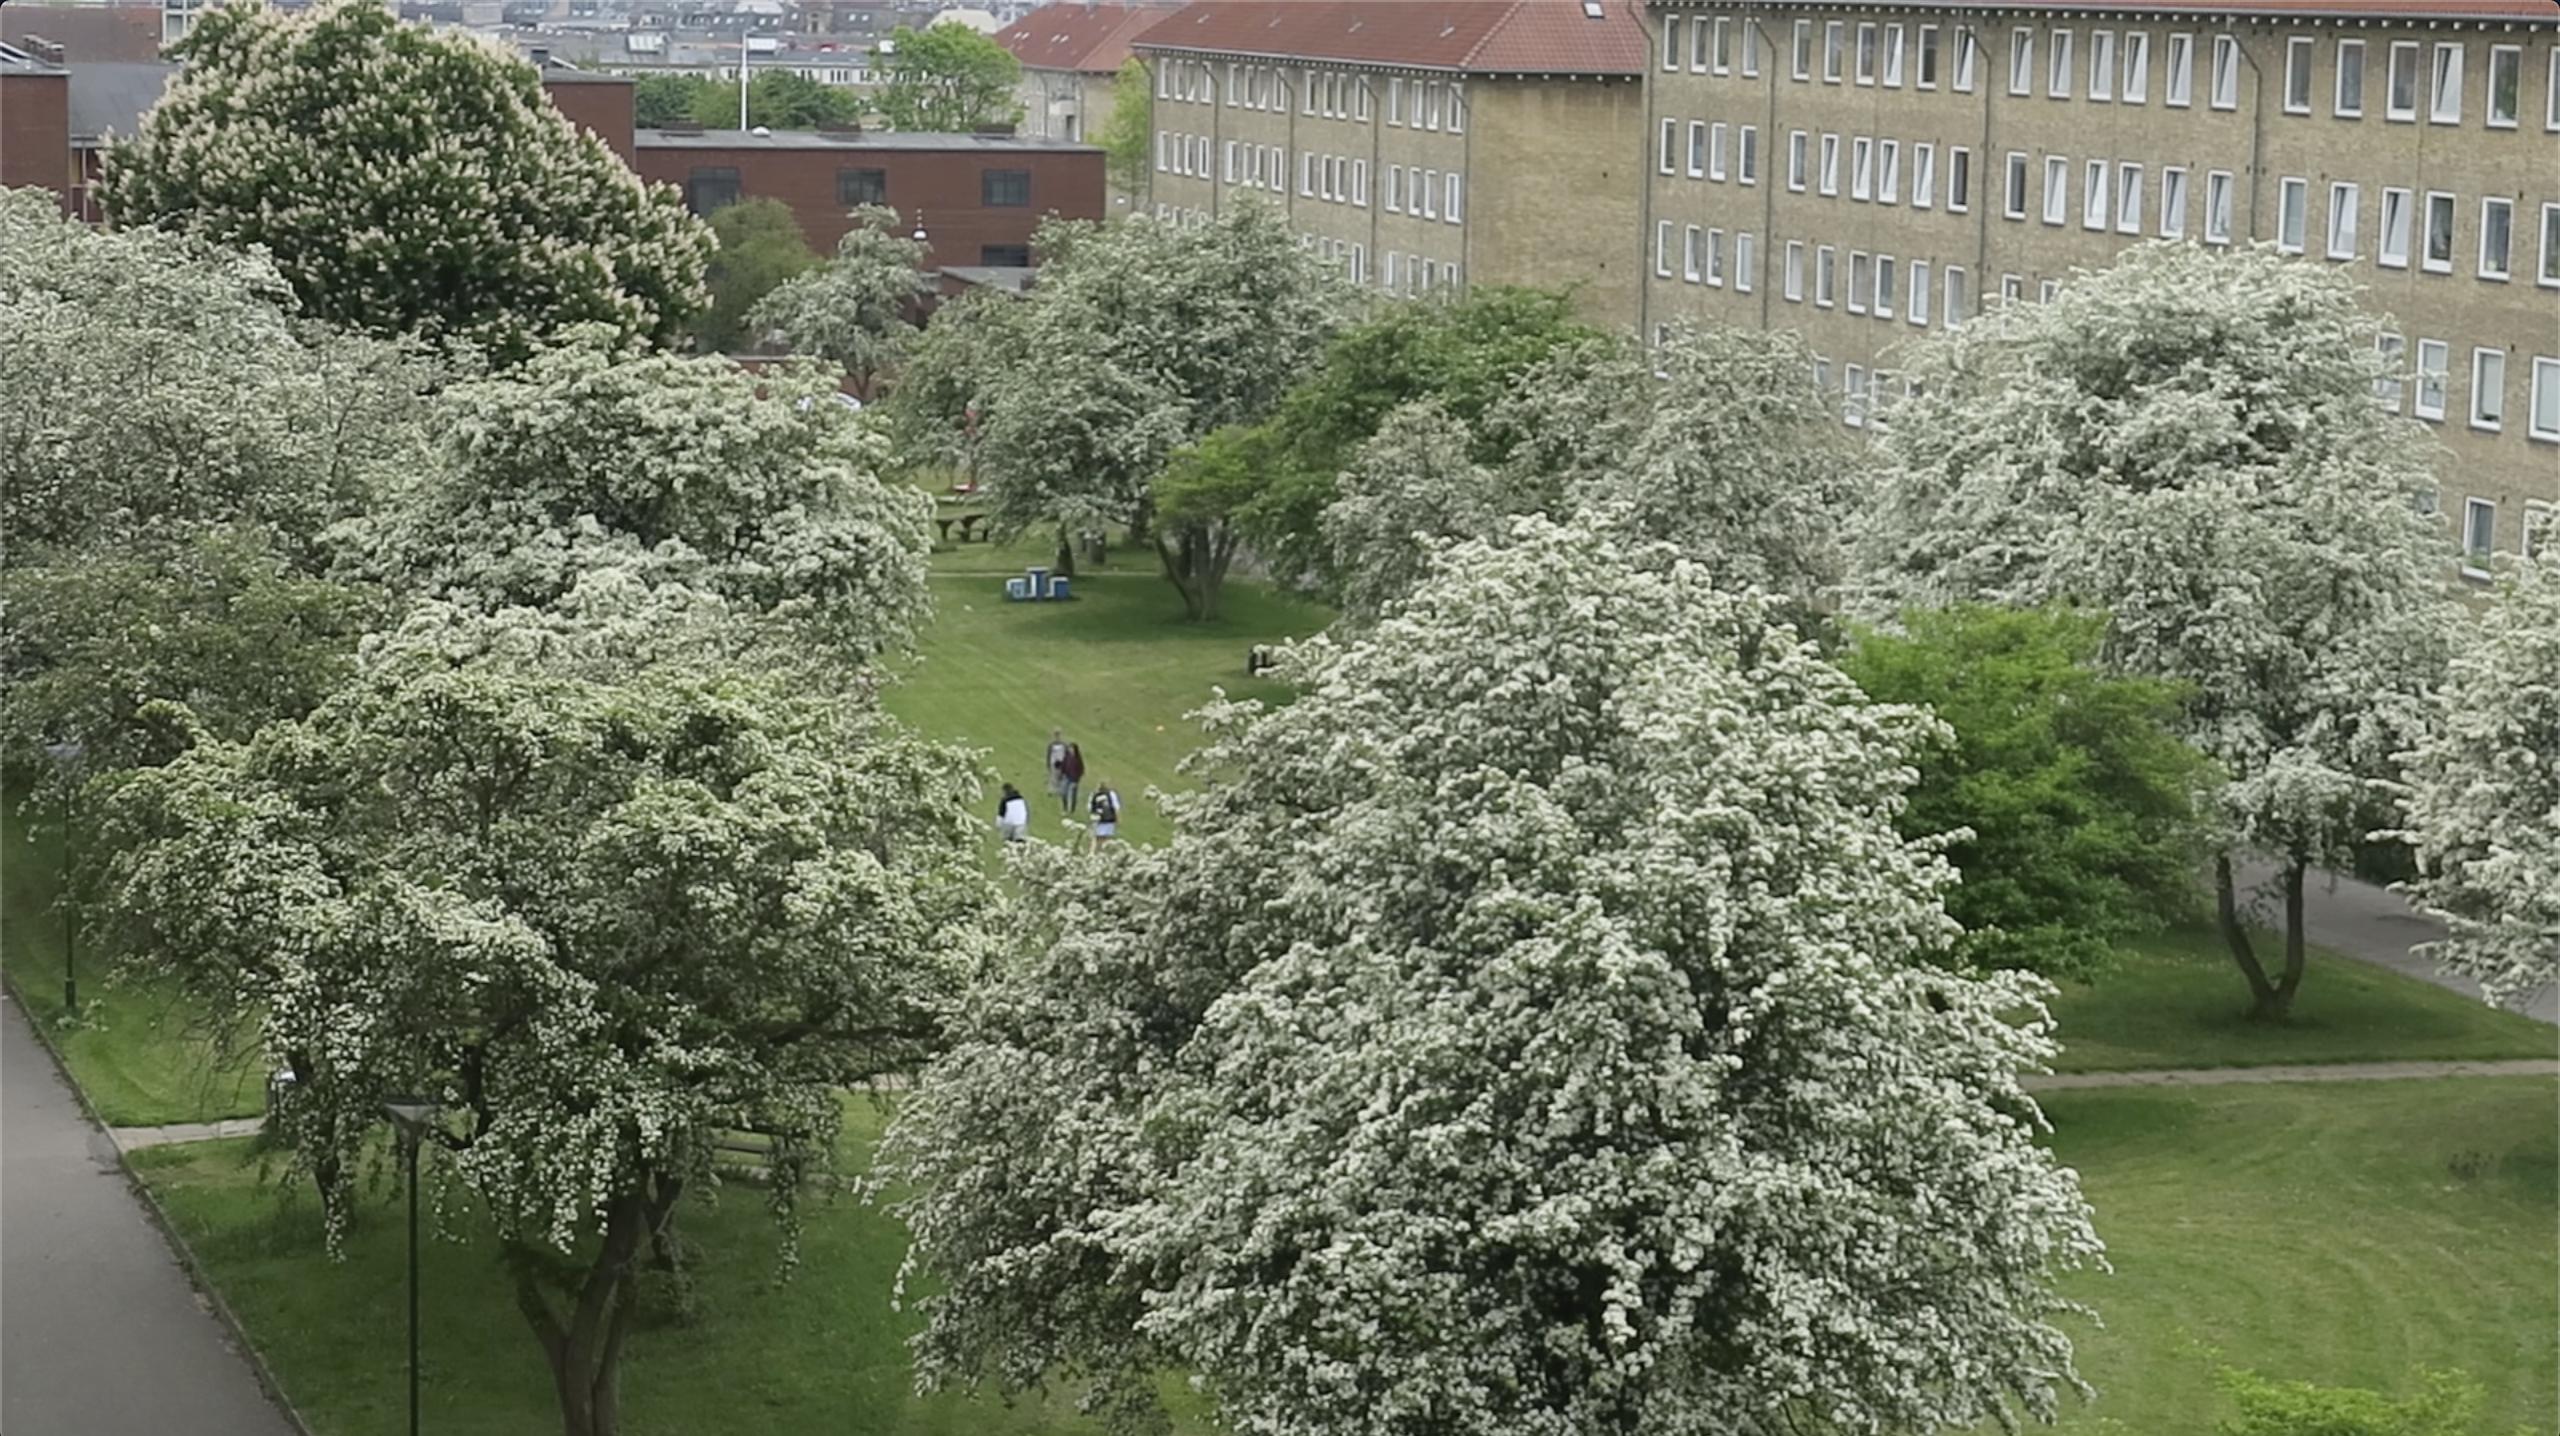 Blomstrende træer på græsplæne